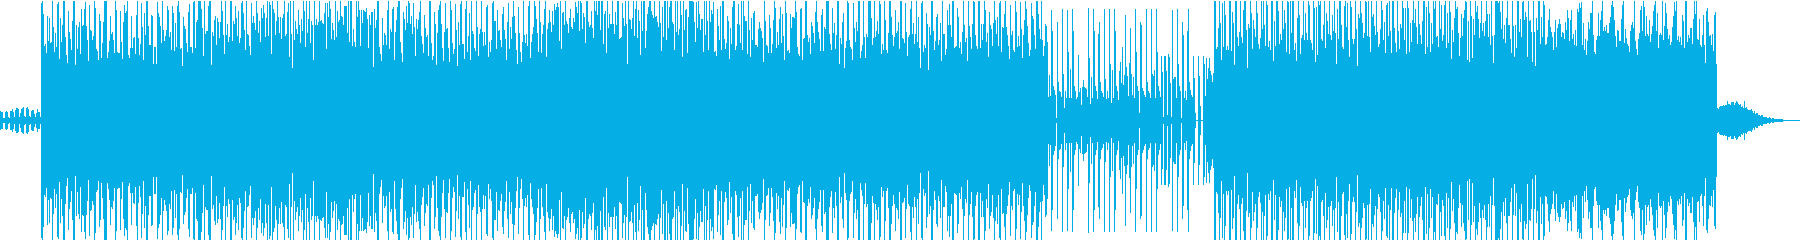 デジタルとレトロのエレクトロニカの再生済みの波形